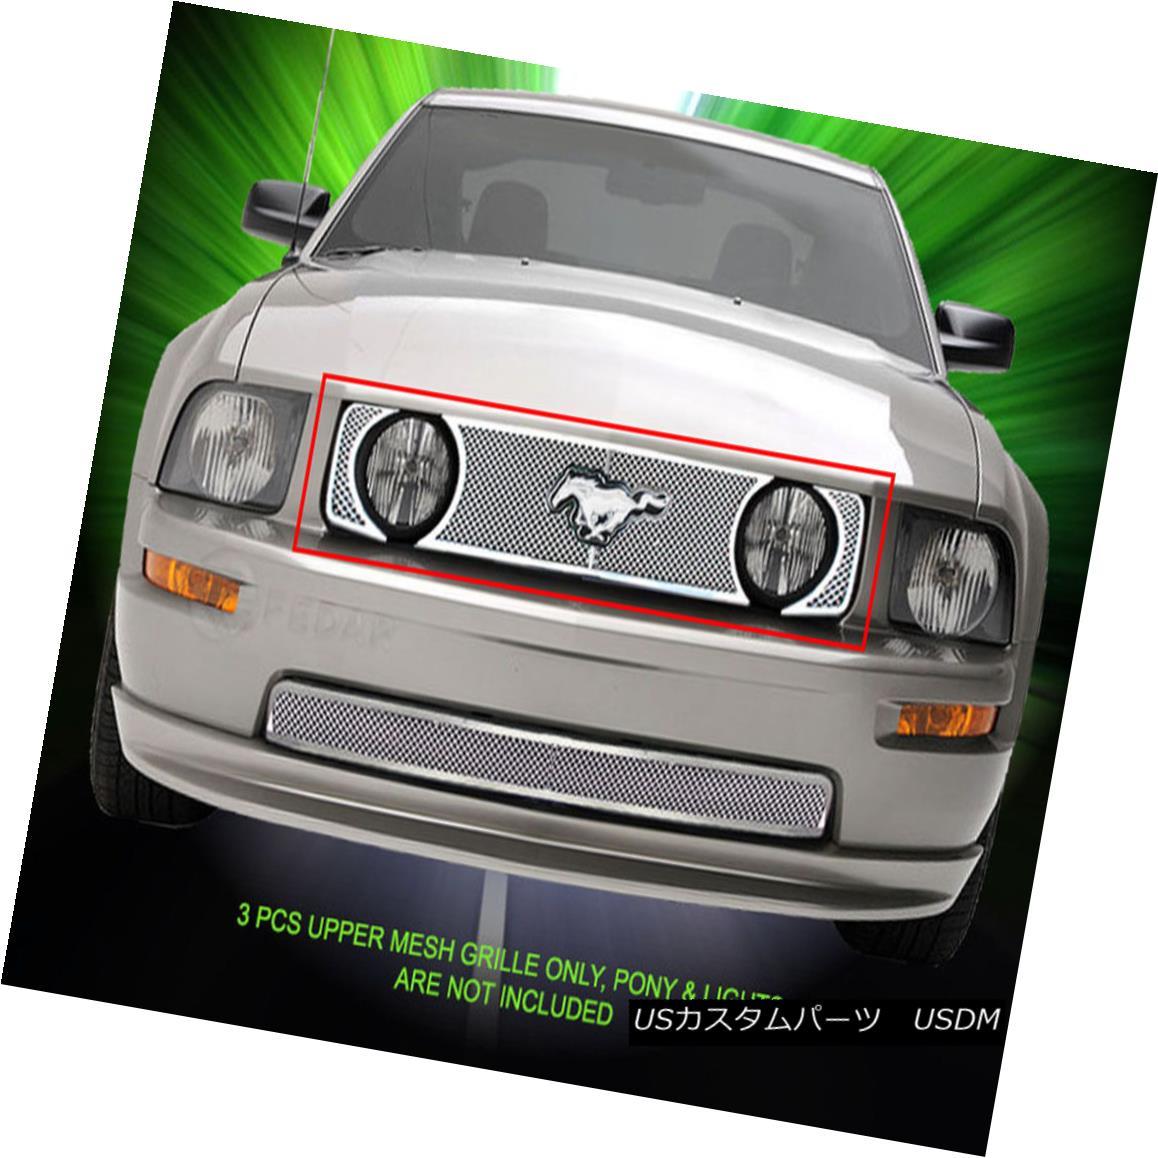 グリル For 05-09 Ford Mustang V8 GT Stainless Steel Mesh Grille Upper Insert Fedar 05-09フォードマスタングV8 GTステンレスメッシュグリルアッパーインサートフェルダ